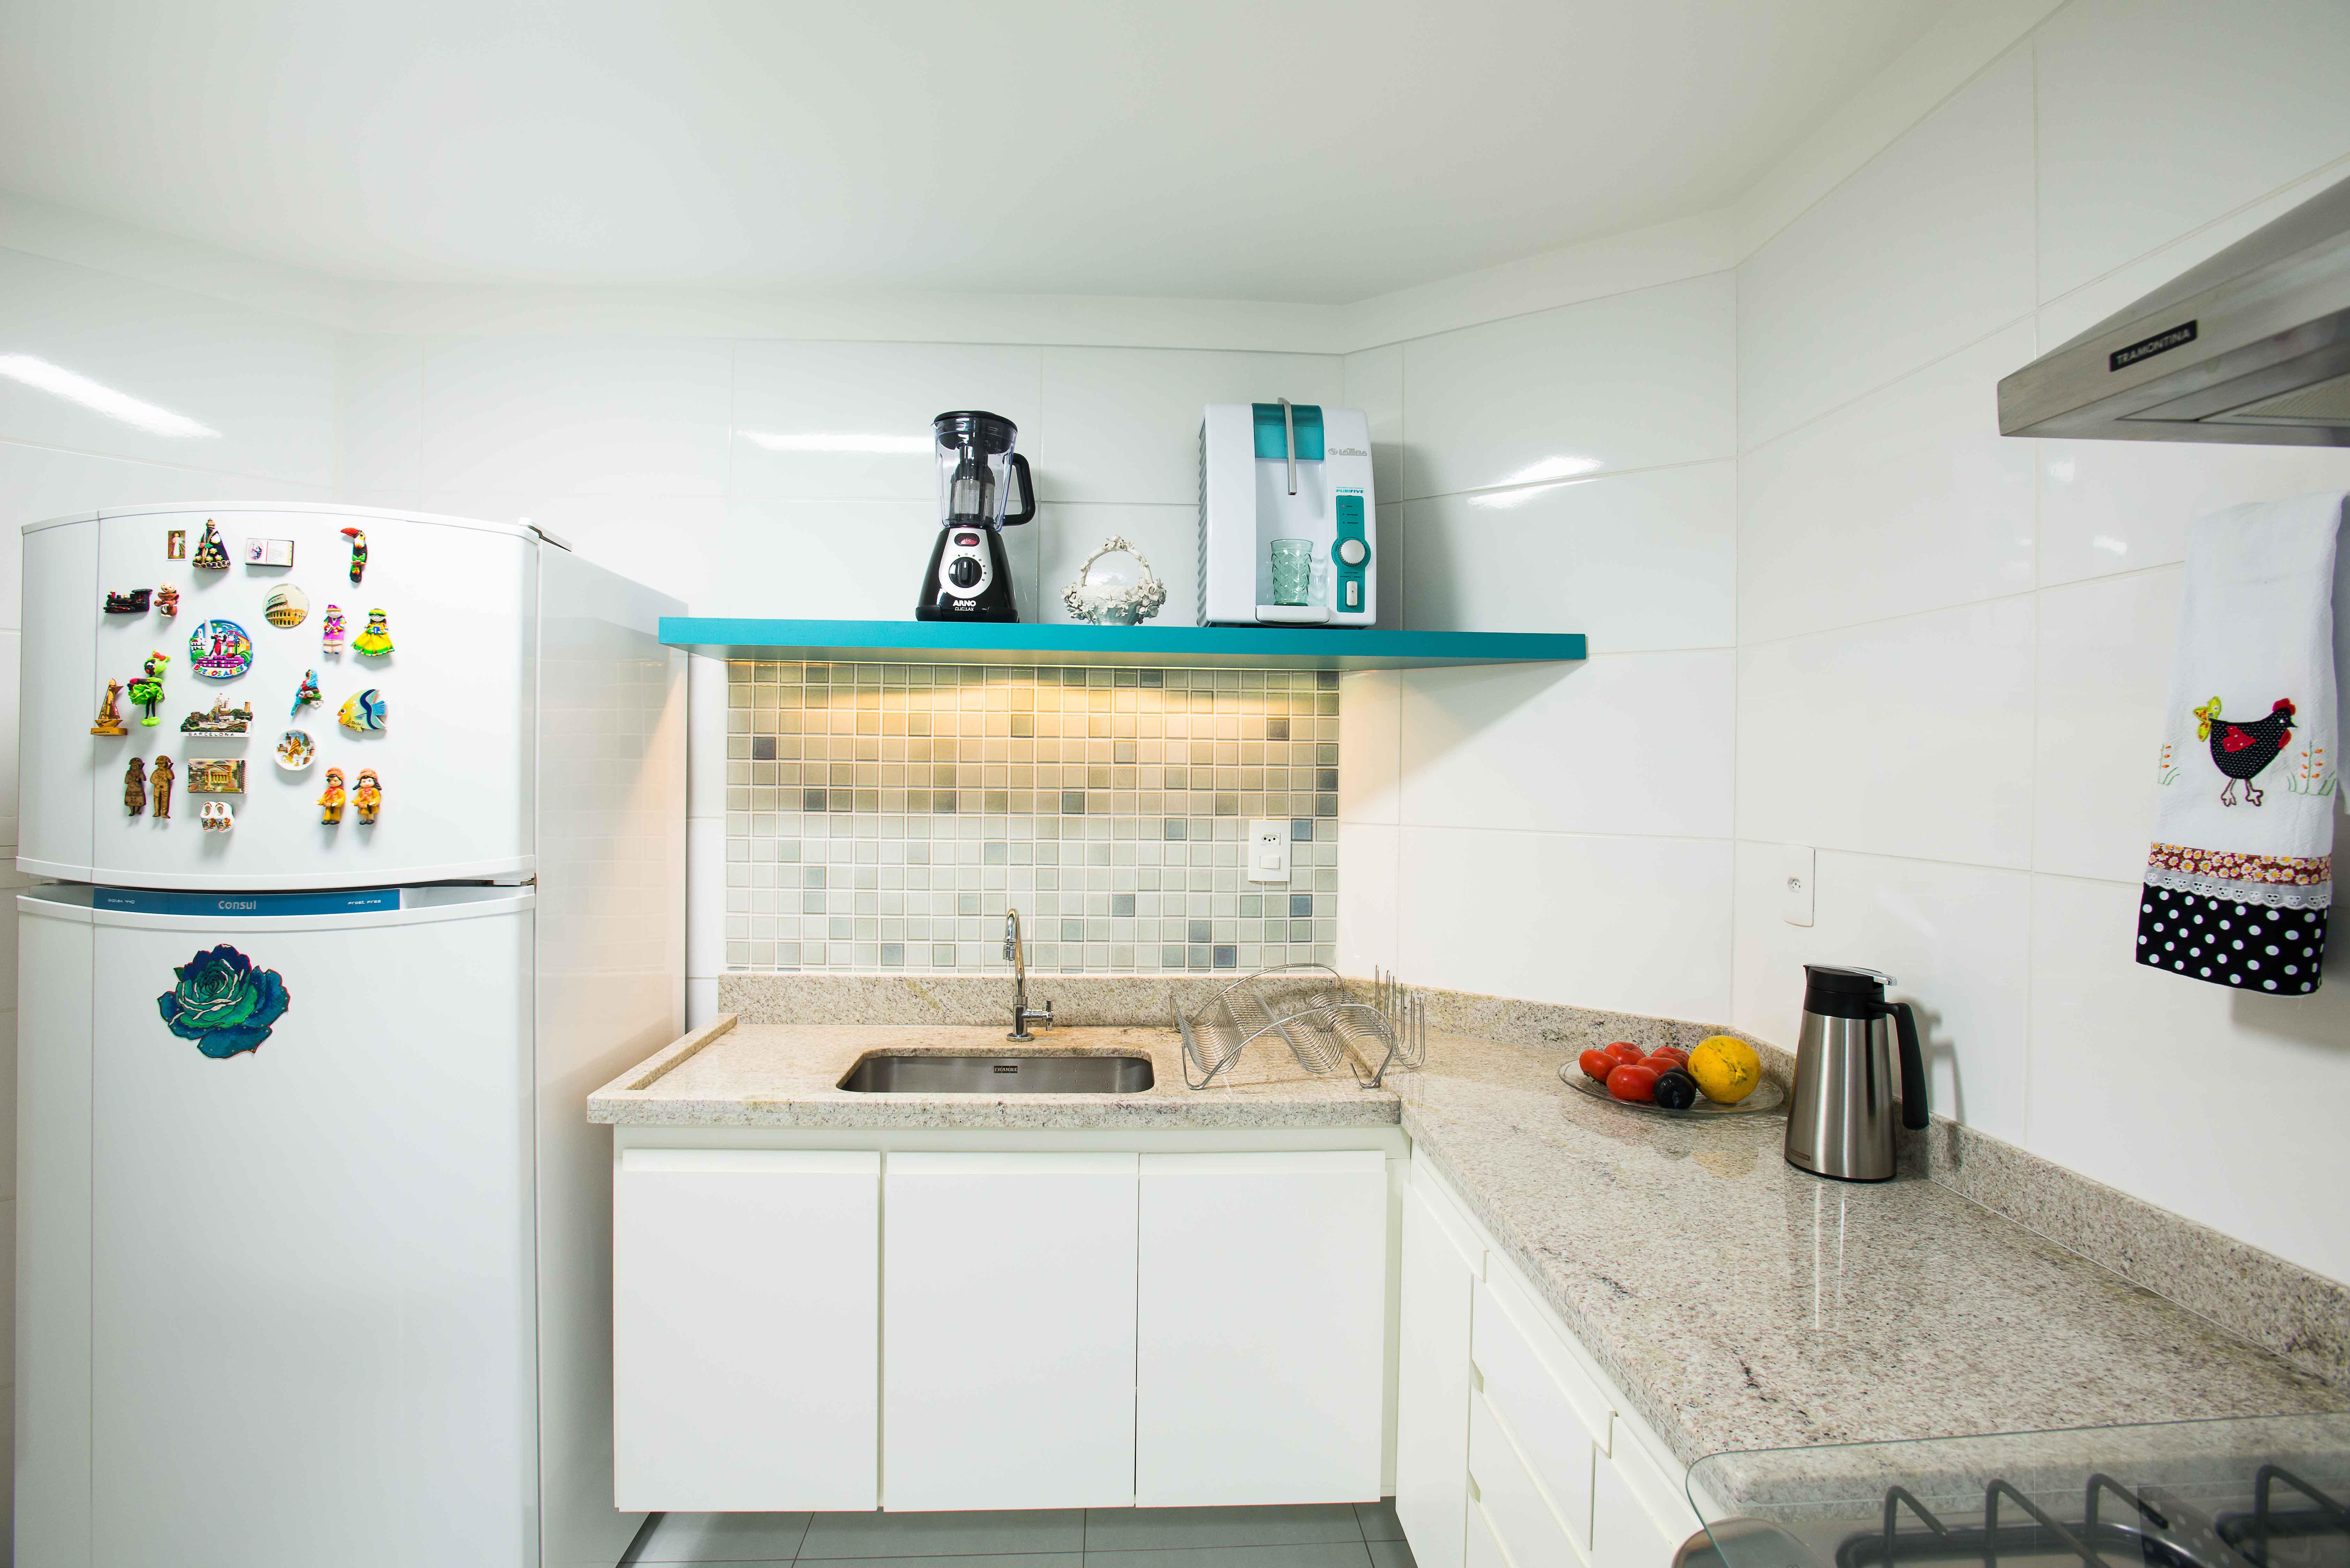 55 Cozinhas Em L Fotos E Ideias Lindas -> Acabamento De Sala E Cozinha